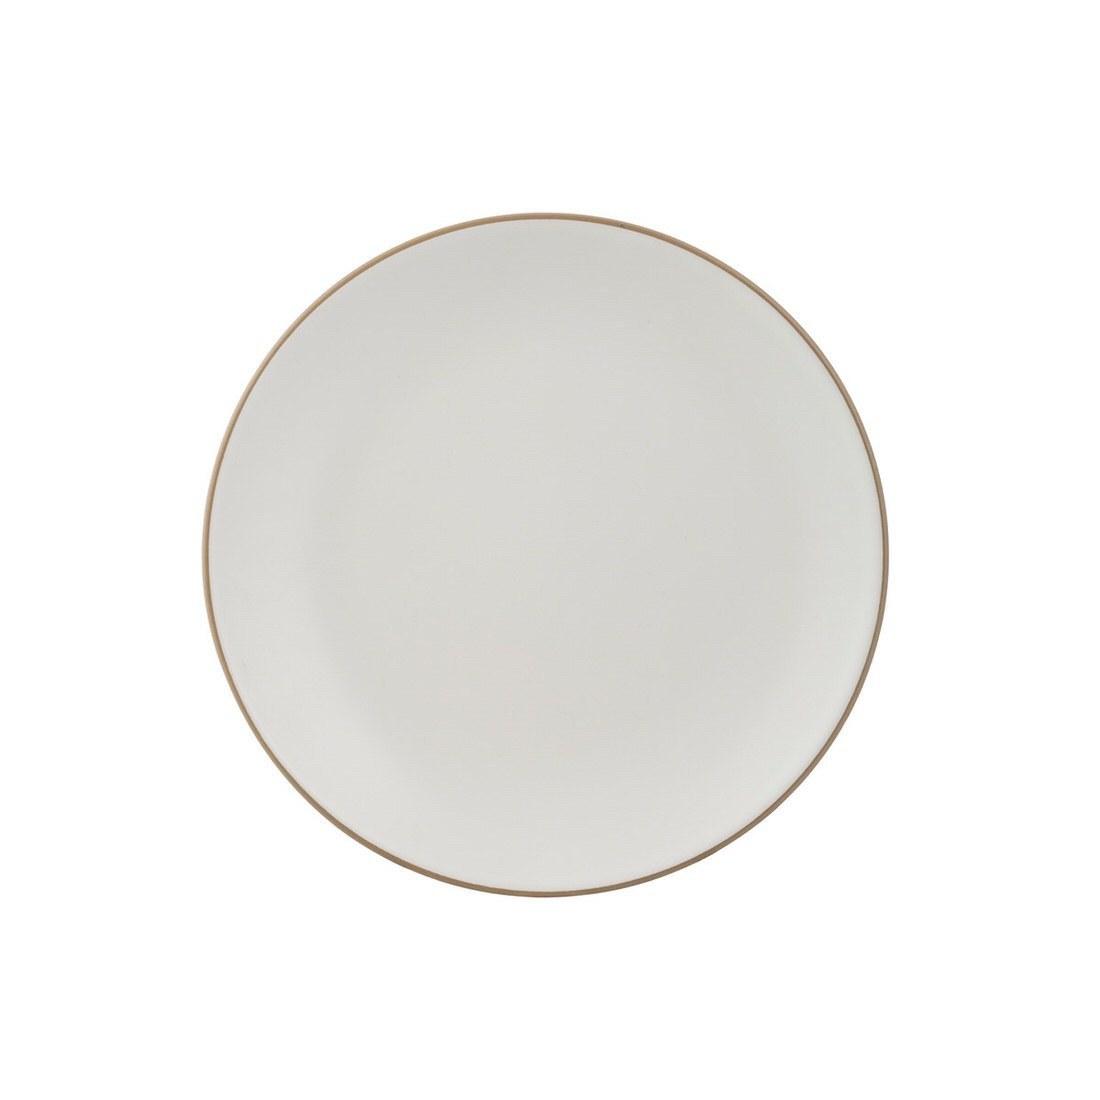 Mason Cash Classic Collect Cream Side Plate 20.5cm